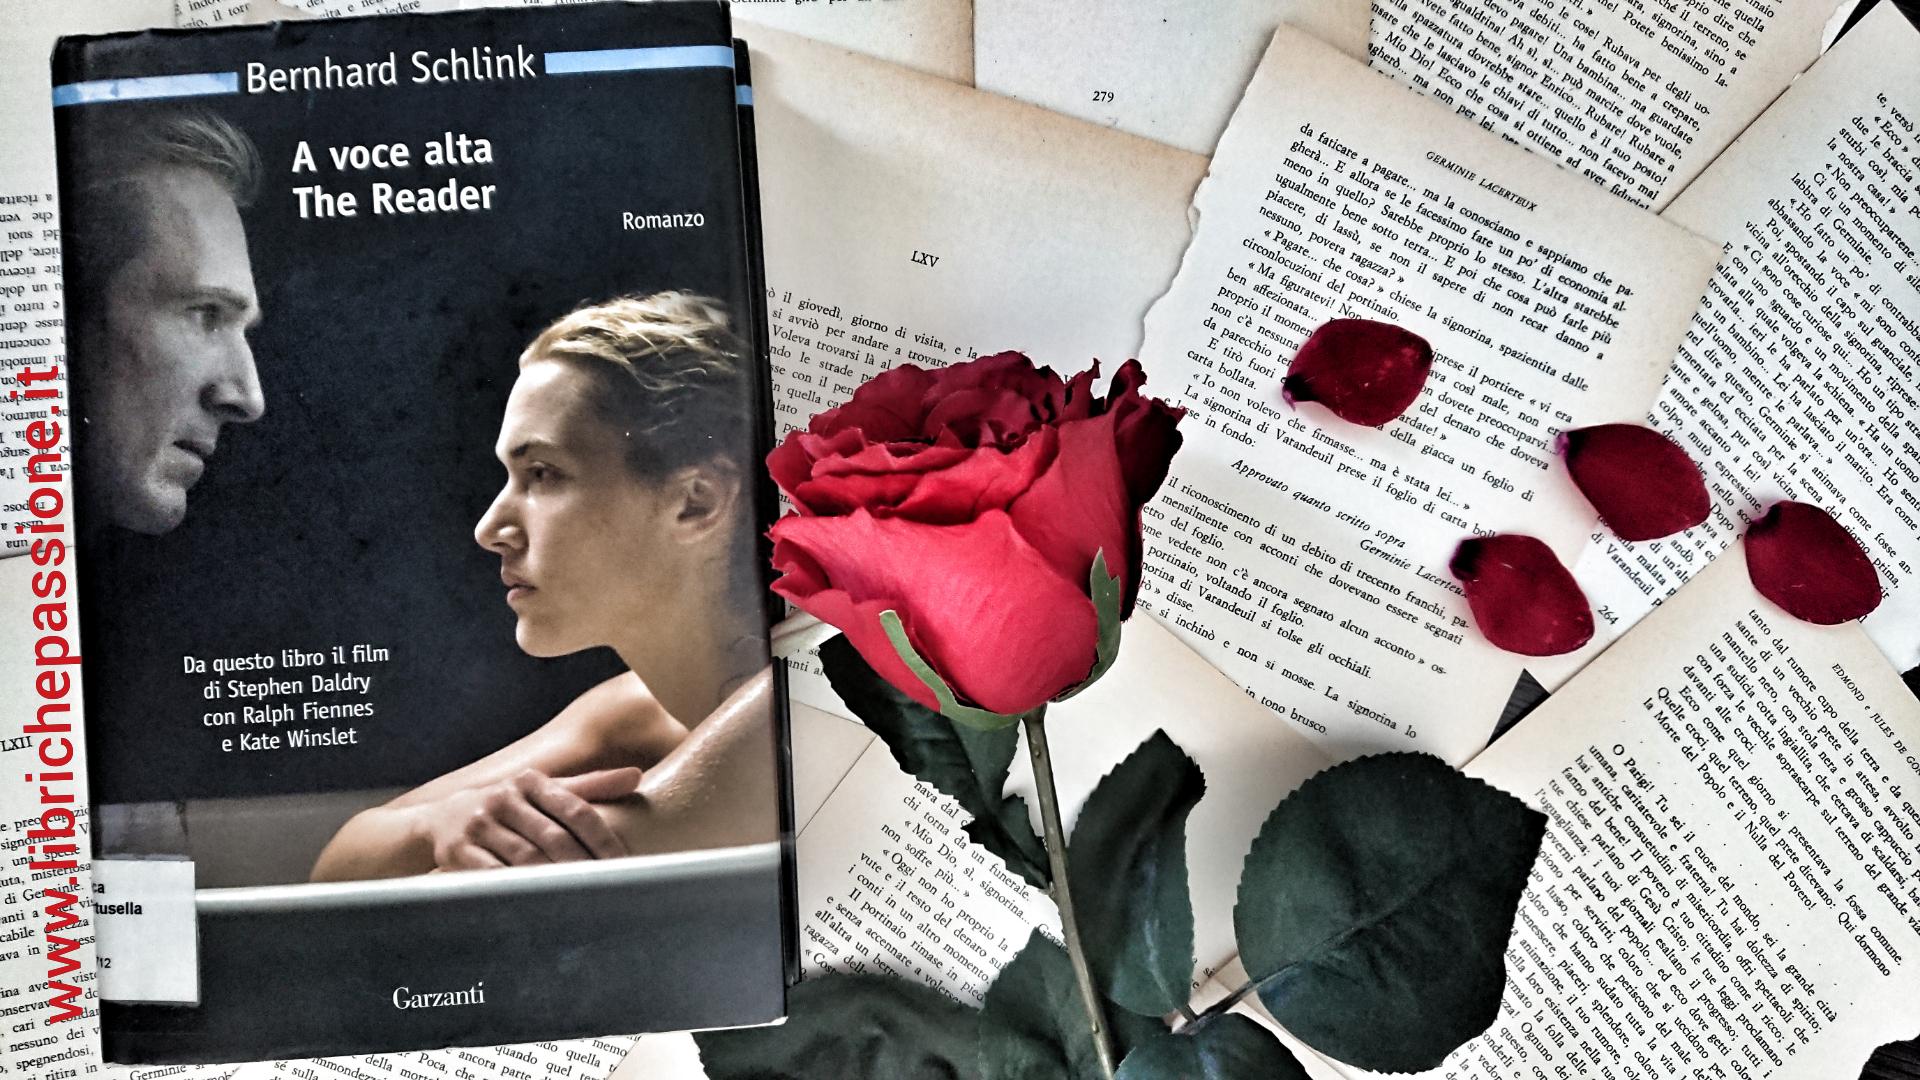 """Recensione del romanzo """"A voce alta"""" edito da Garzanti e ristampato da Neri Pozza con il titolo """"Il Lettore"""" di Bernhard Schlink"""